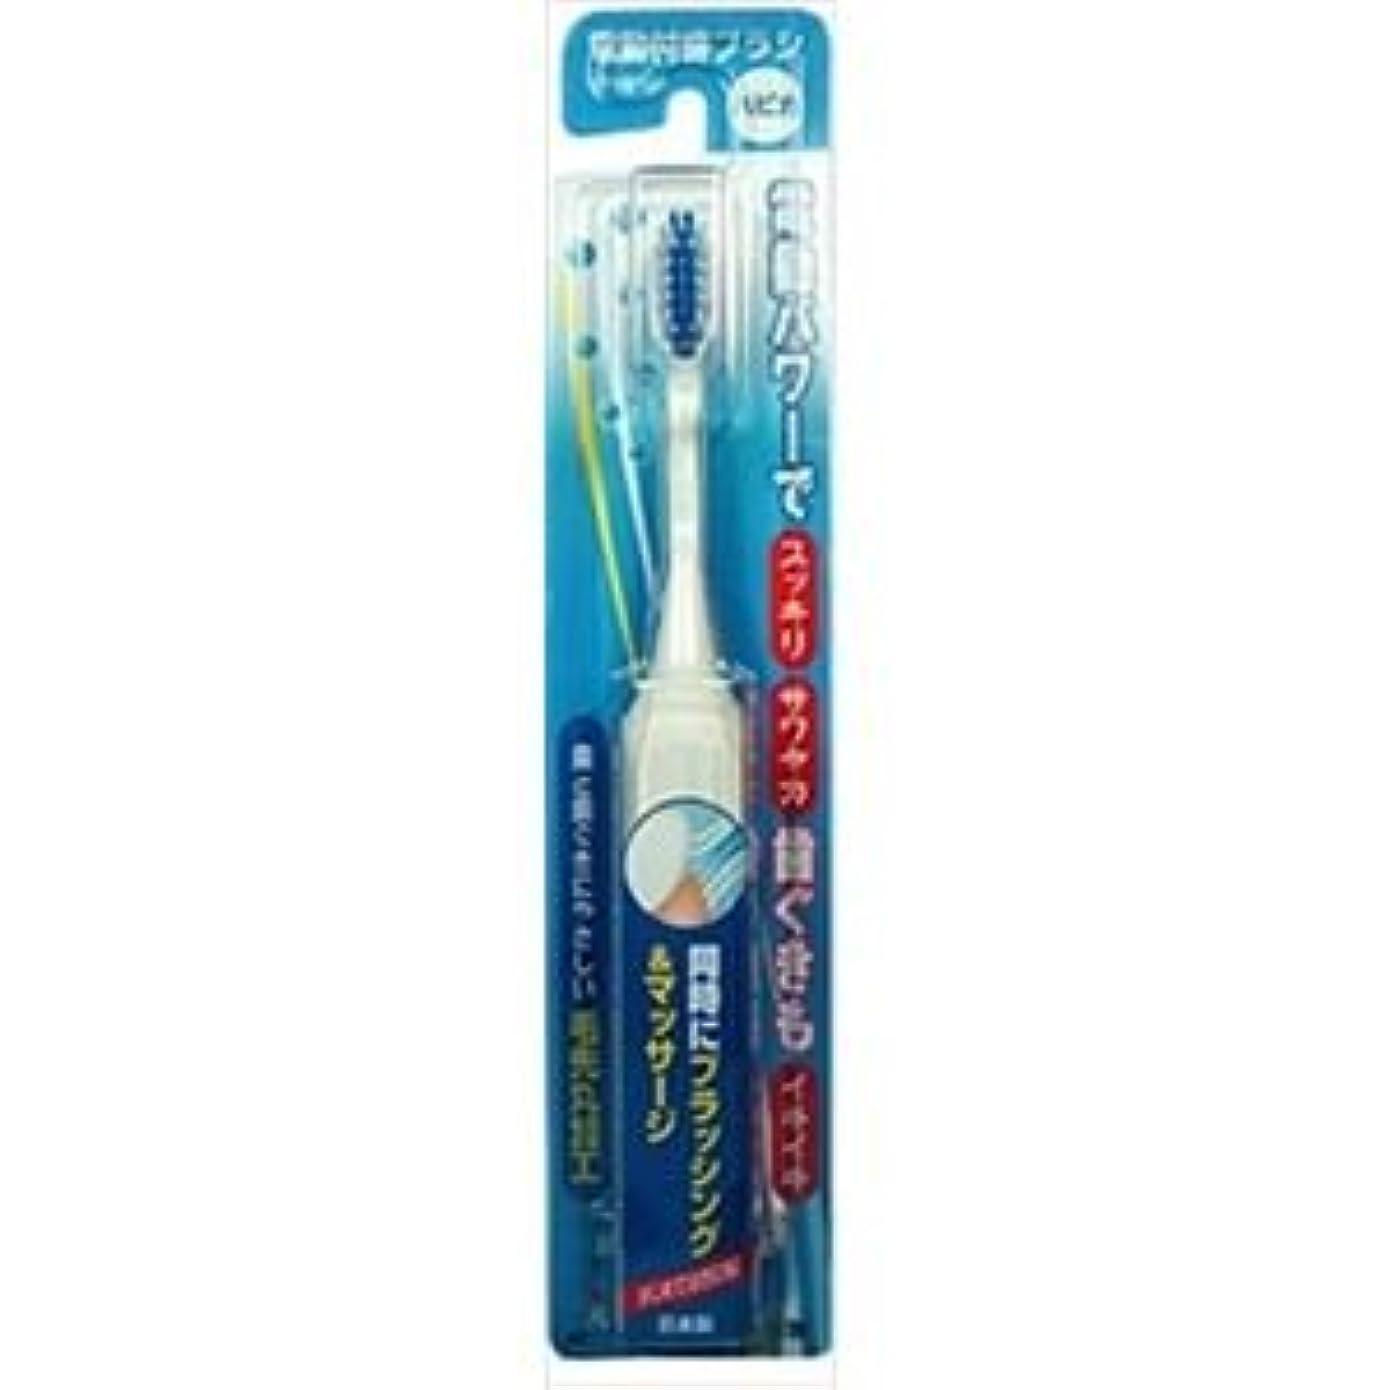 告白関数不機嫌(まとめ)ミニマムハピカ電動歯ブラシDB-3W 【×3点セット】